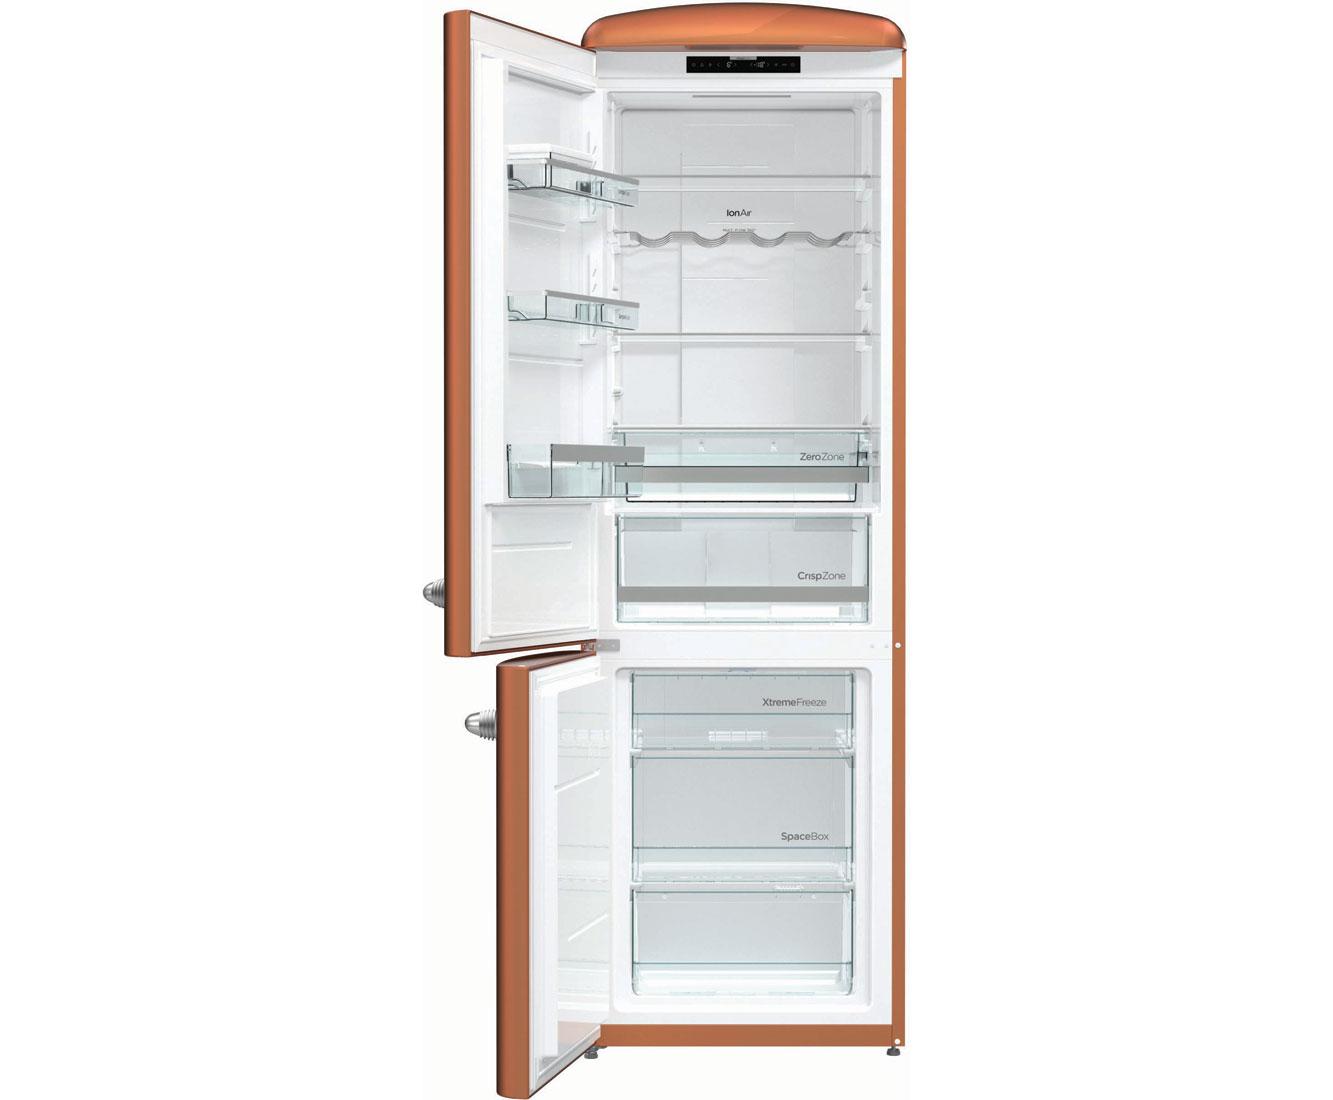 Smeg Kühlschrank Tür Einstellen : Bosch kühlschrank türanschlag wechseln kühlschrank modelle